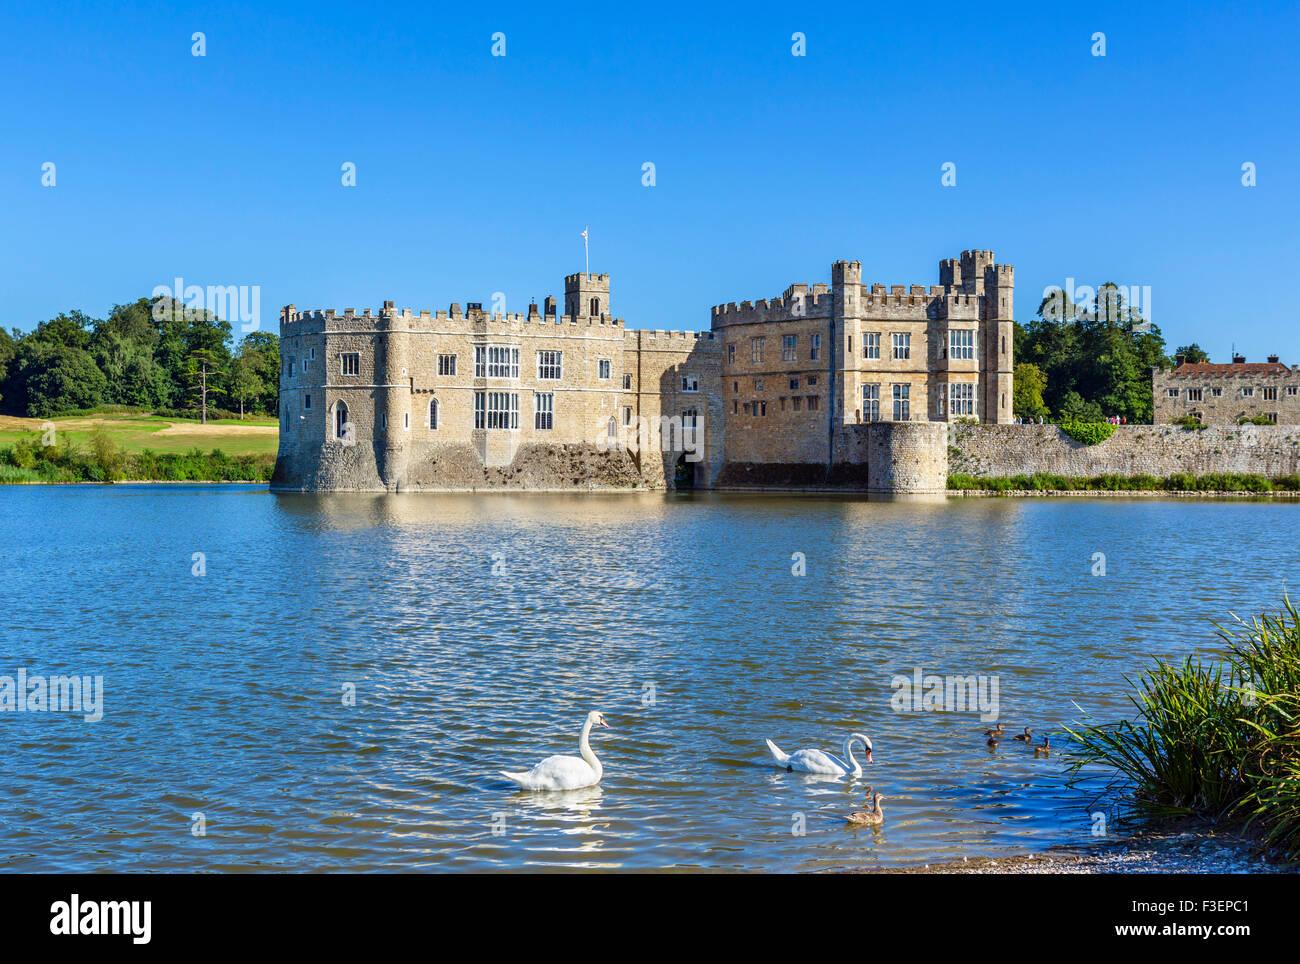 Il Castello di Leeds, vicino a Maidstone Kent, England, Regno Unito Immagini Stock